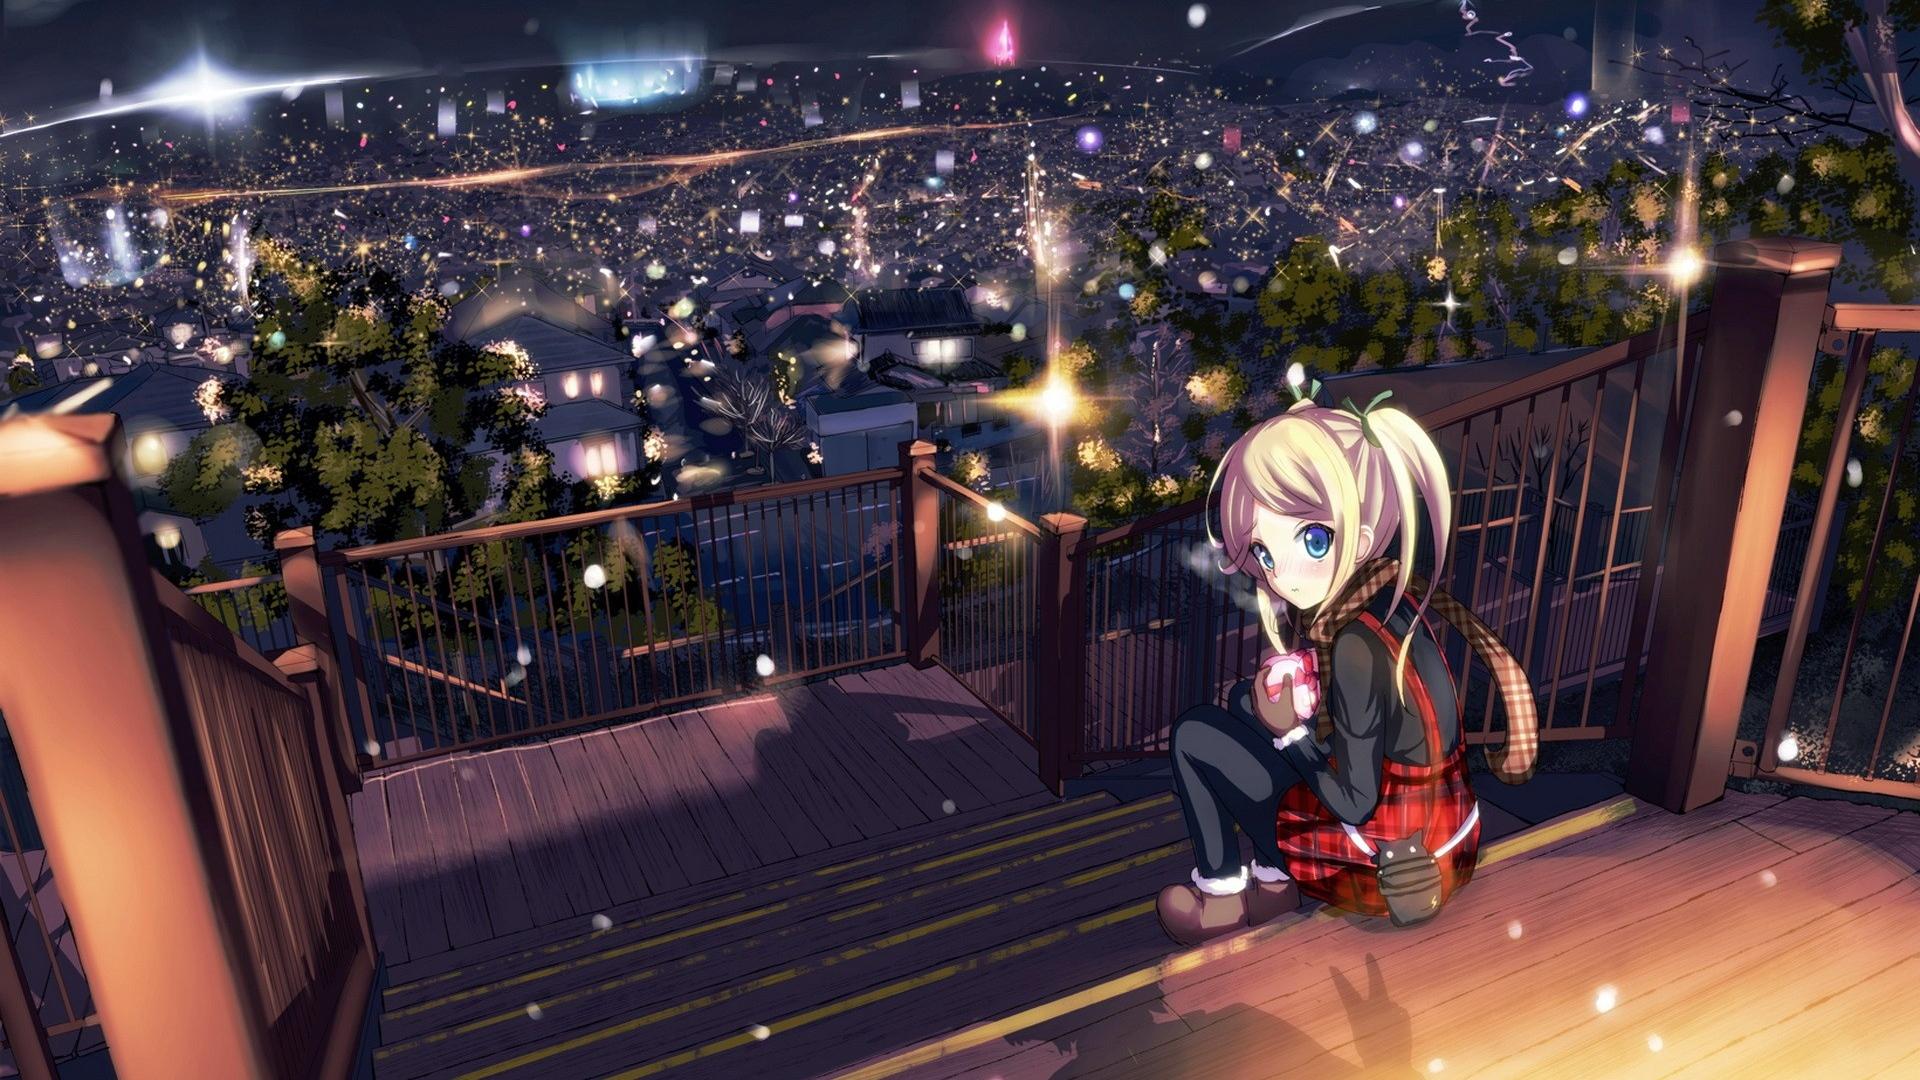 Lonely Cute Girl Wallpaper Anime Girl Wallpapers Hd Pixelstalk Net